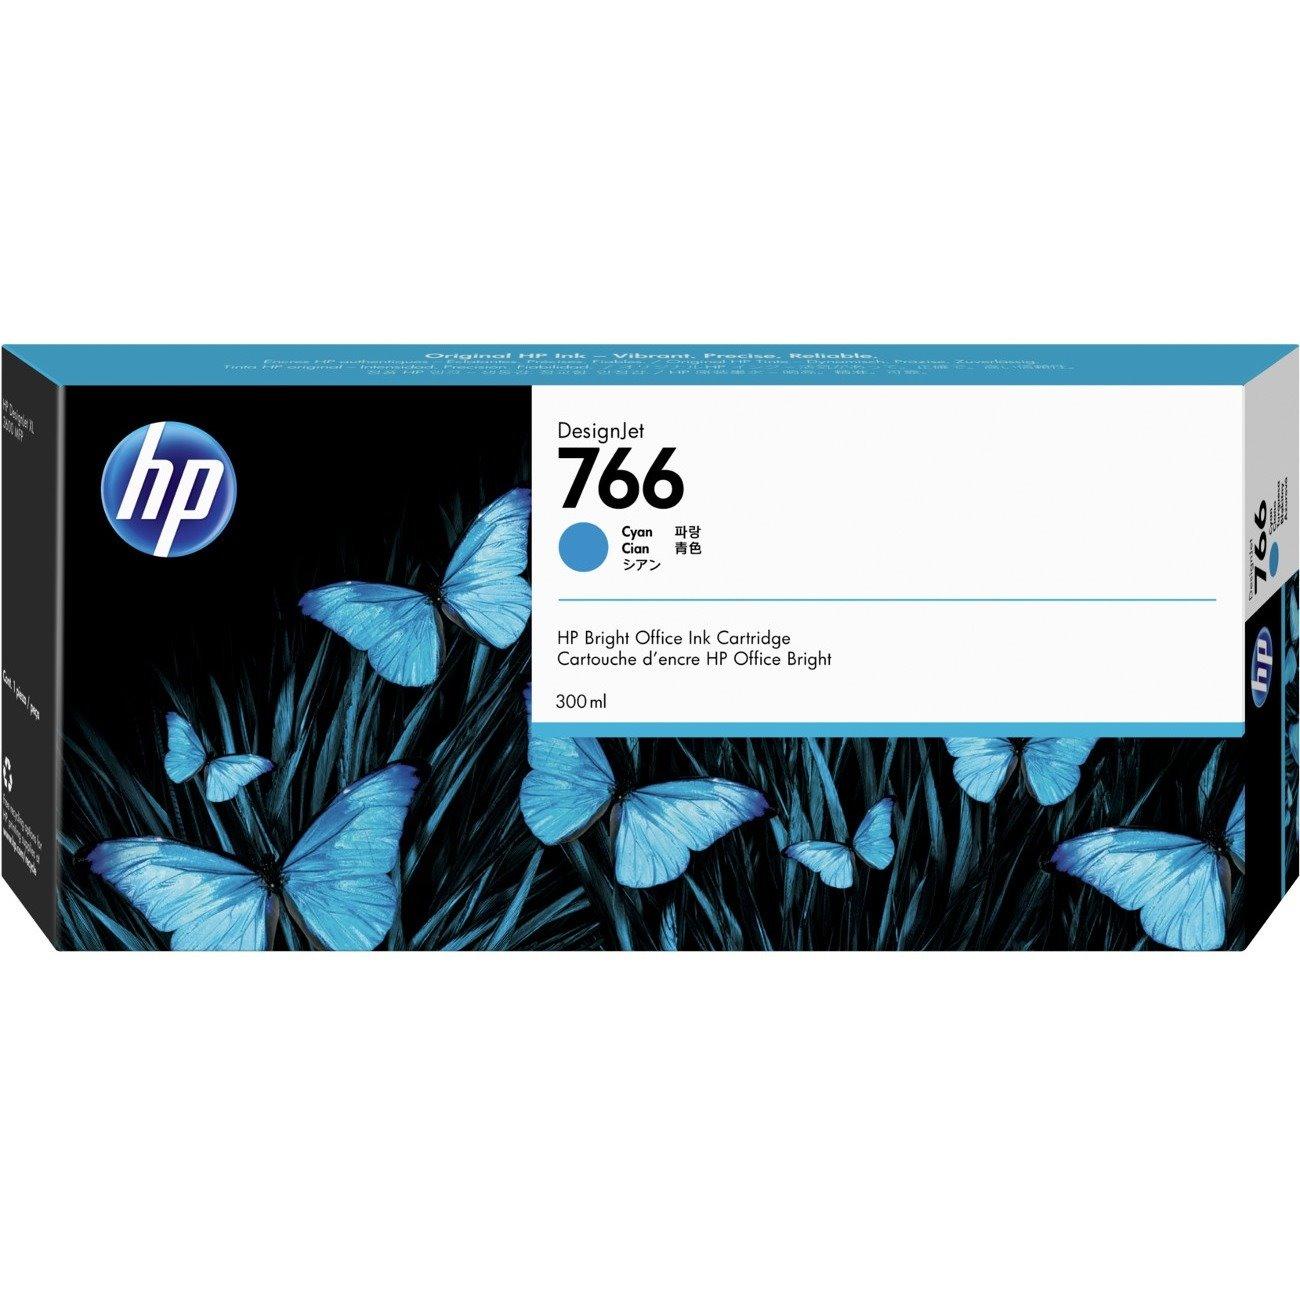 HP 766 Ink Cartridge - Cyan